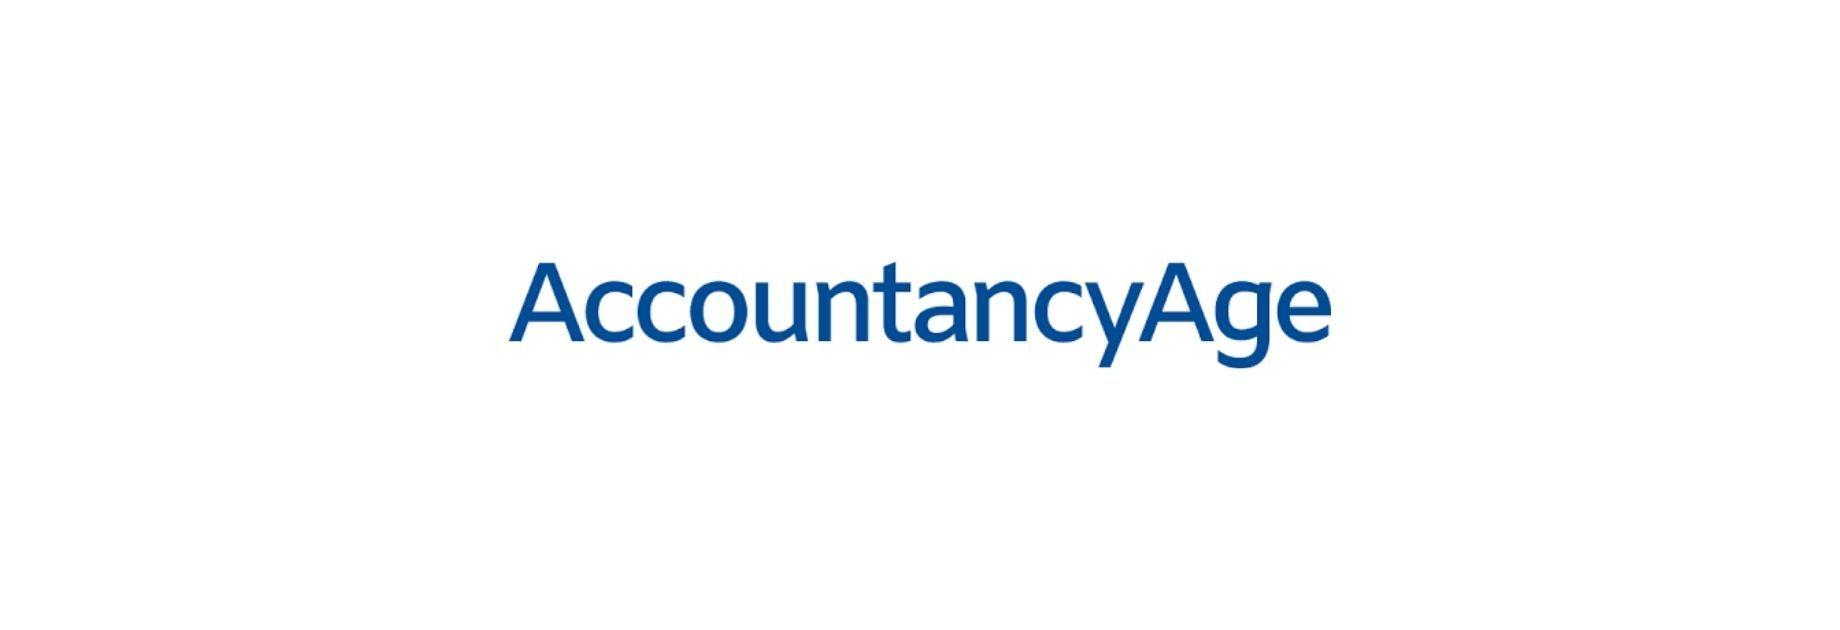 AccountancyAge